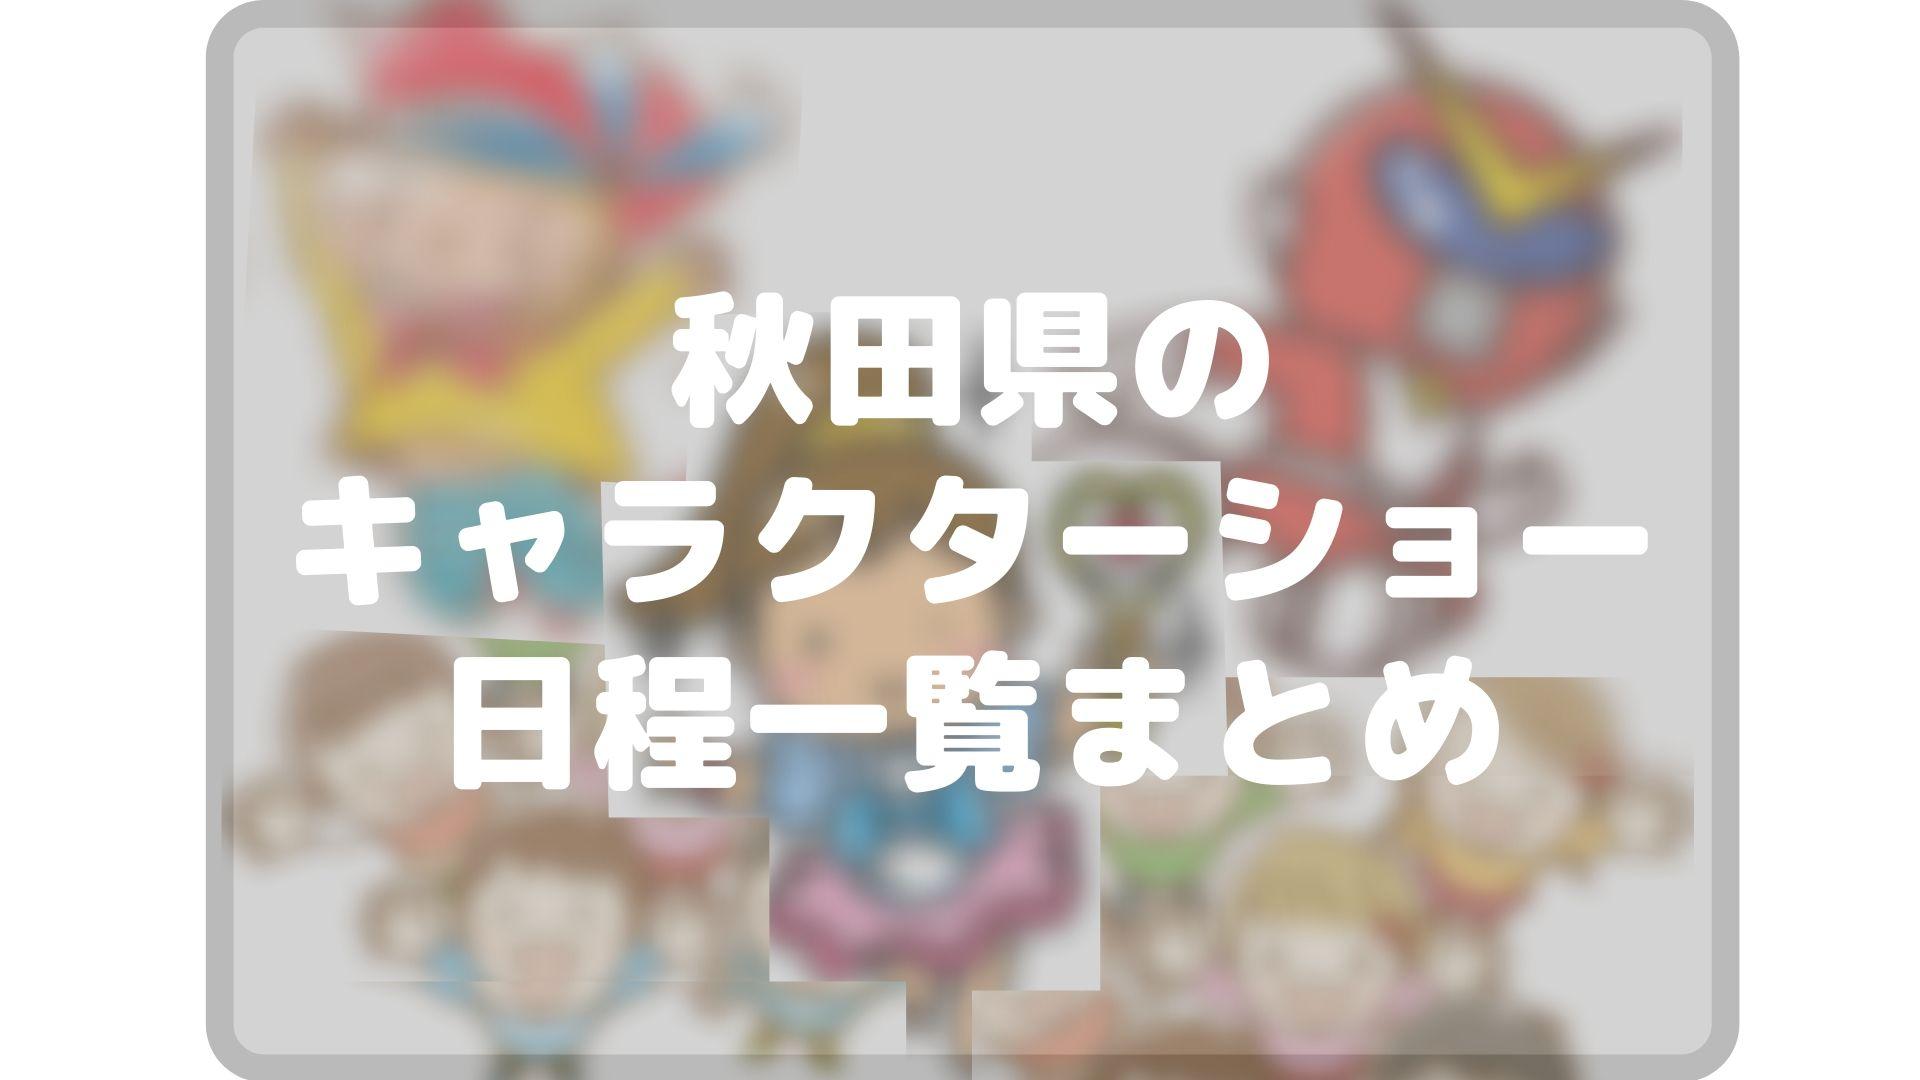 秋田県のキャラクターショーまとめタイトル画像